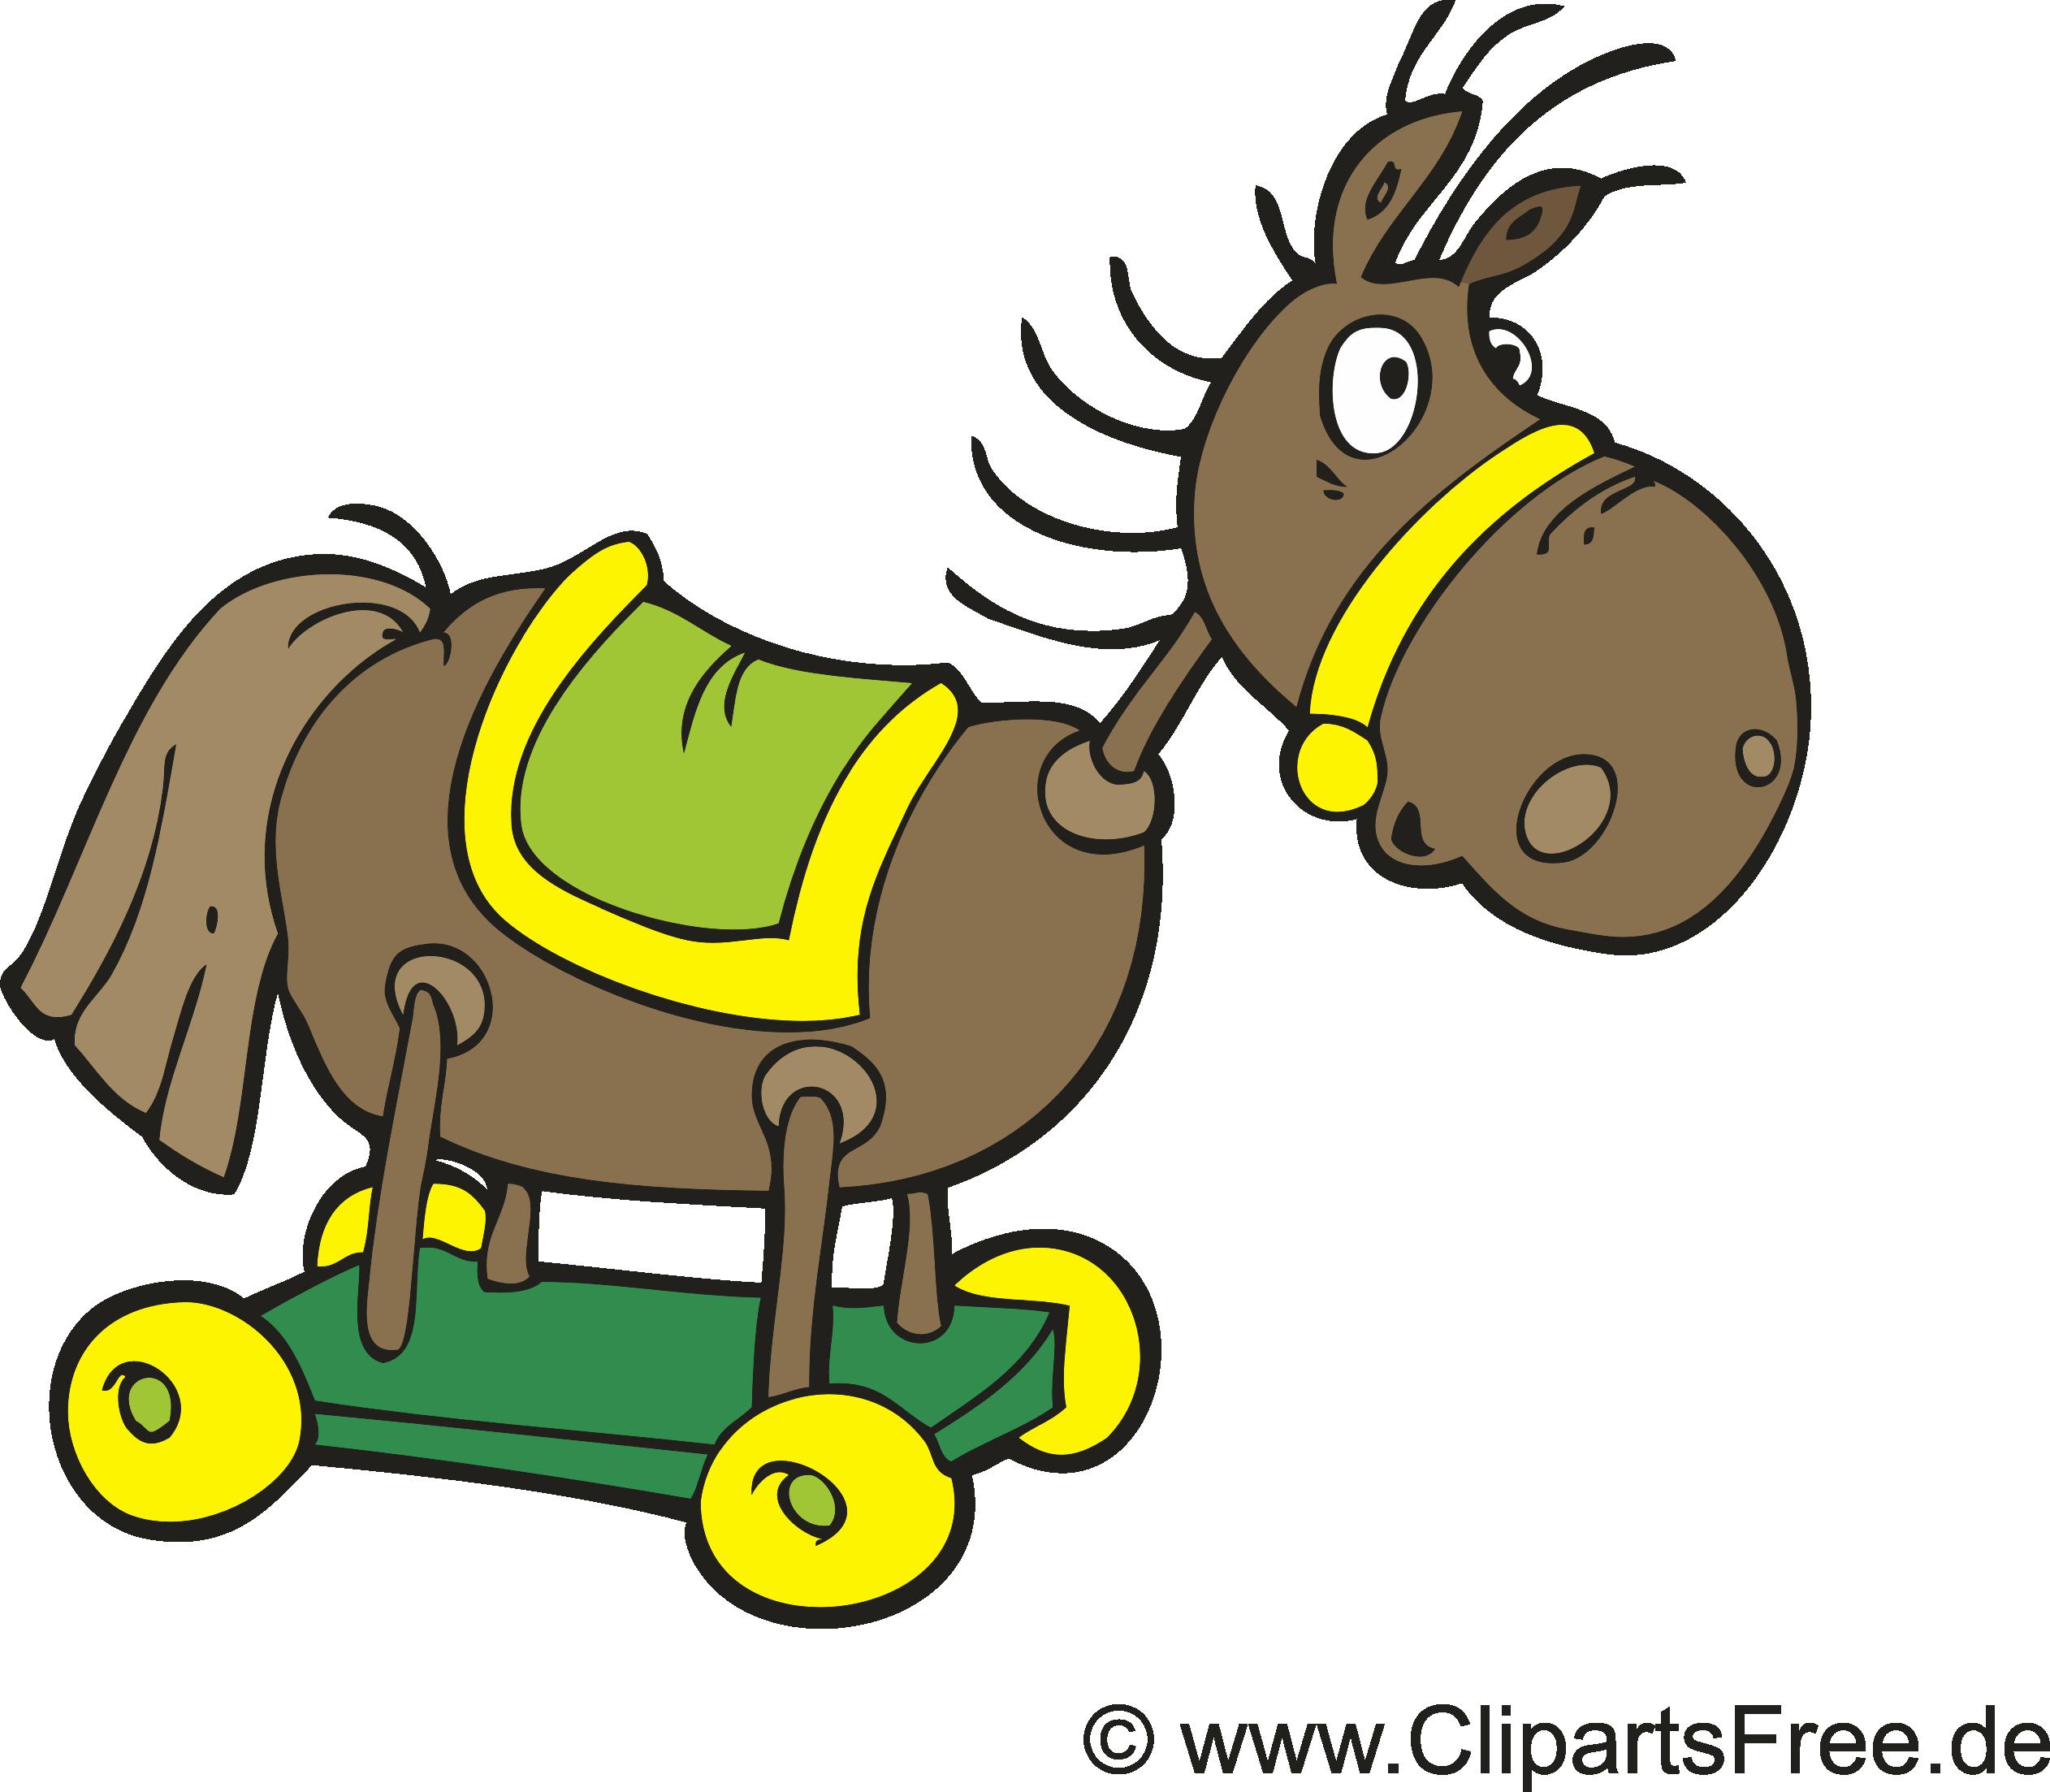 Cheval en bois images gratuites ferme clipart ferme - Clipart cheval gratuit ...